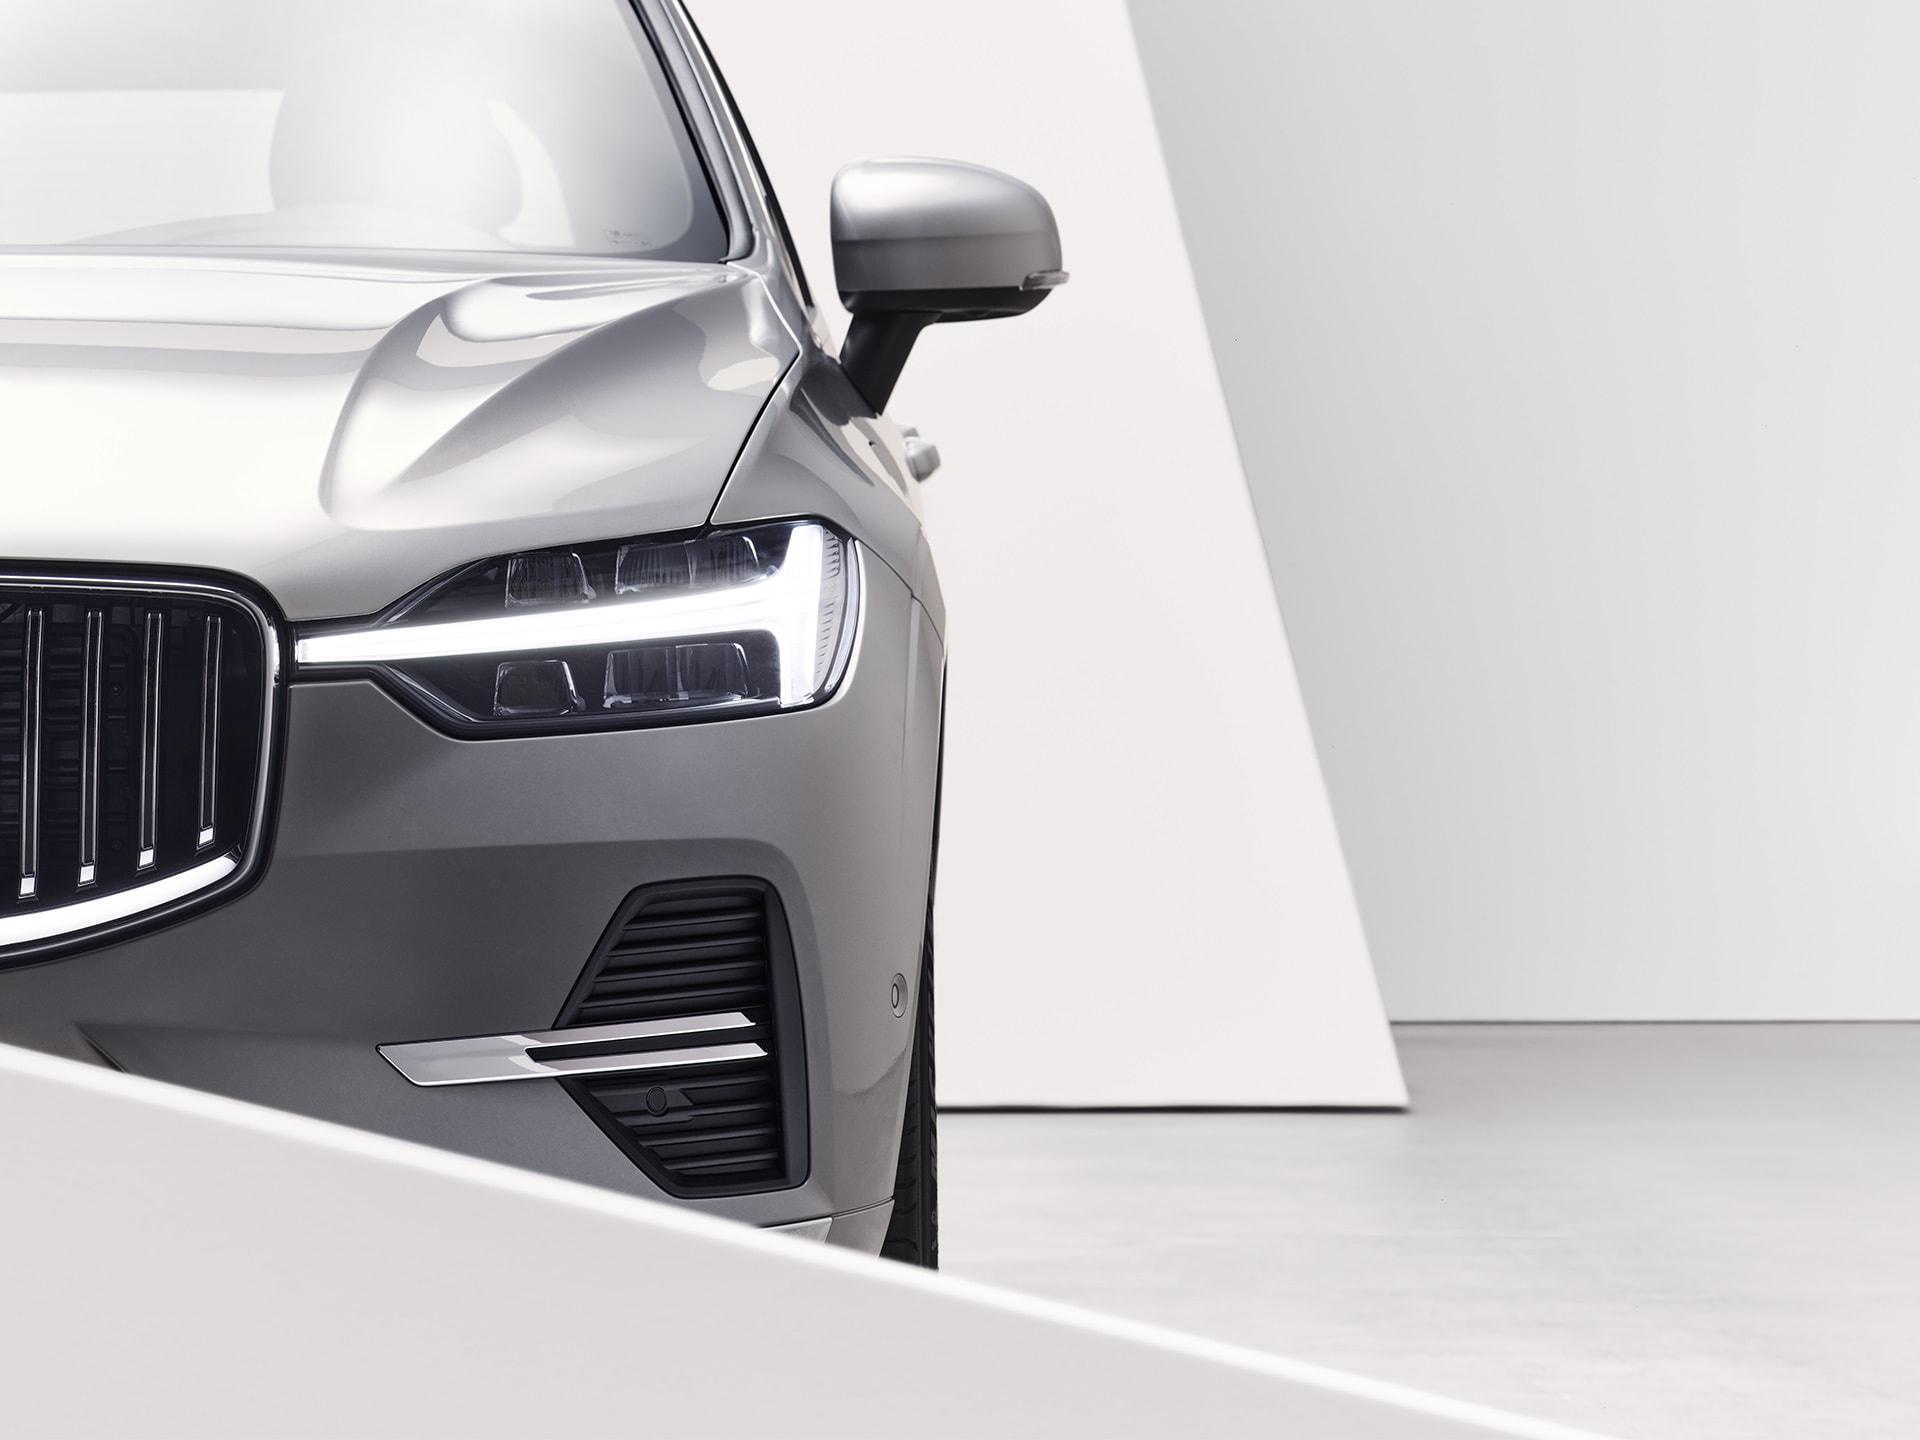 沃尔沃 XC60 轻度混合动力车型的正面外观